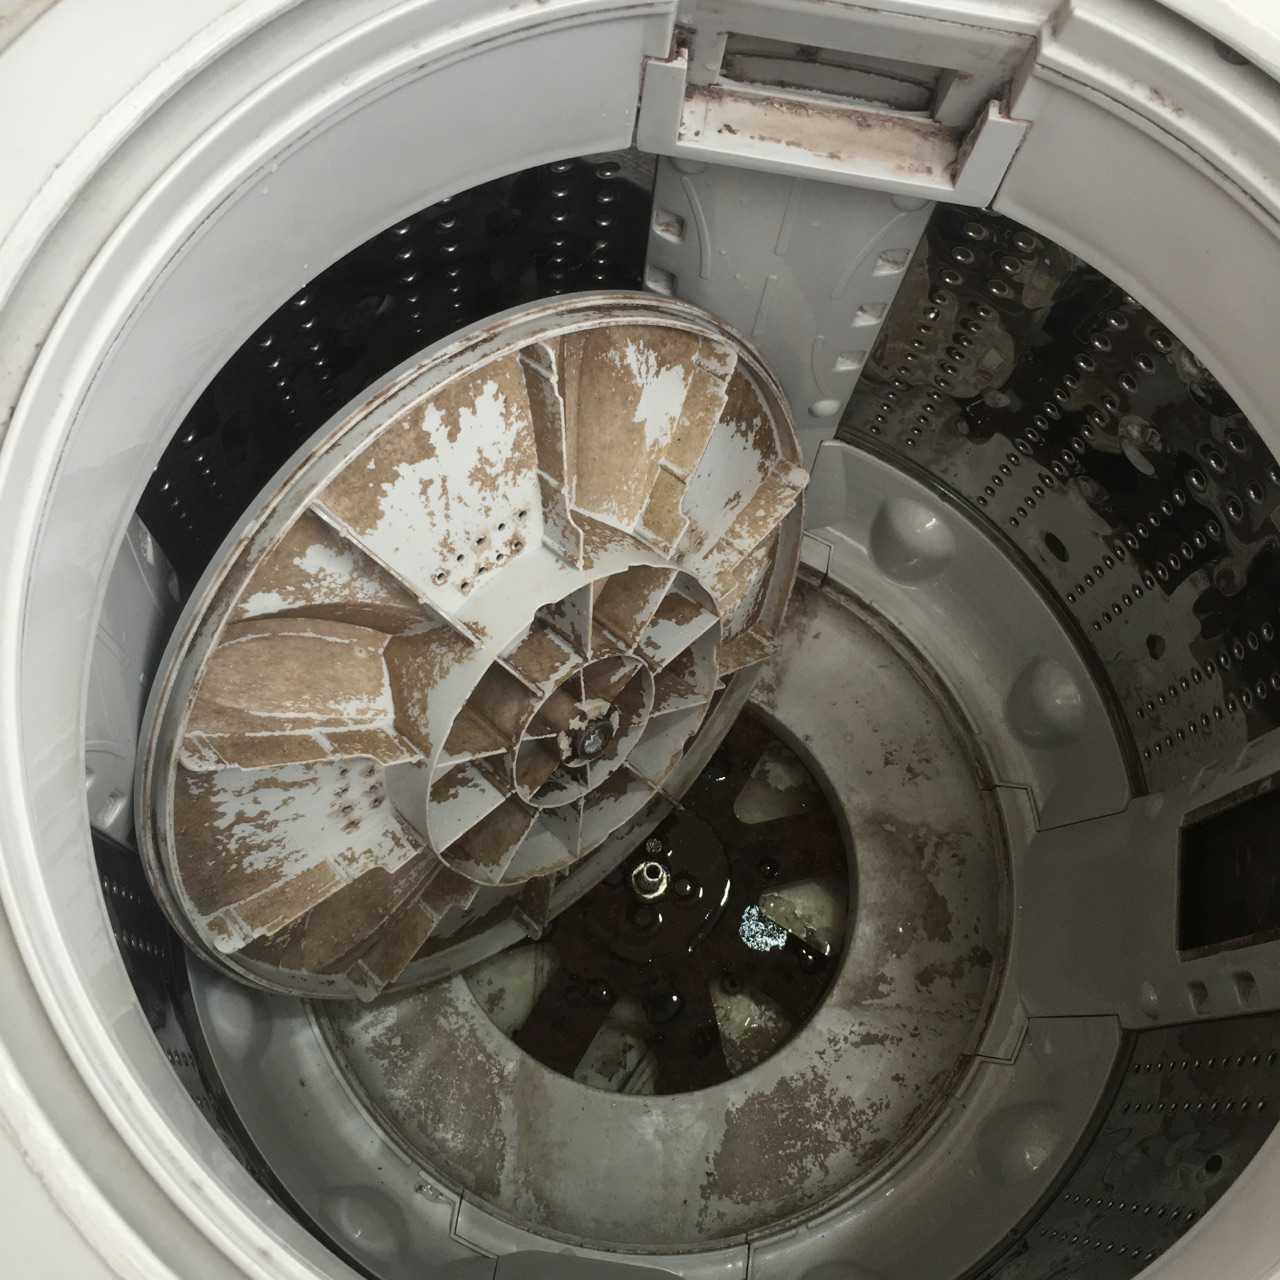 回收家用电器有哪些注意事项